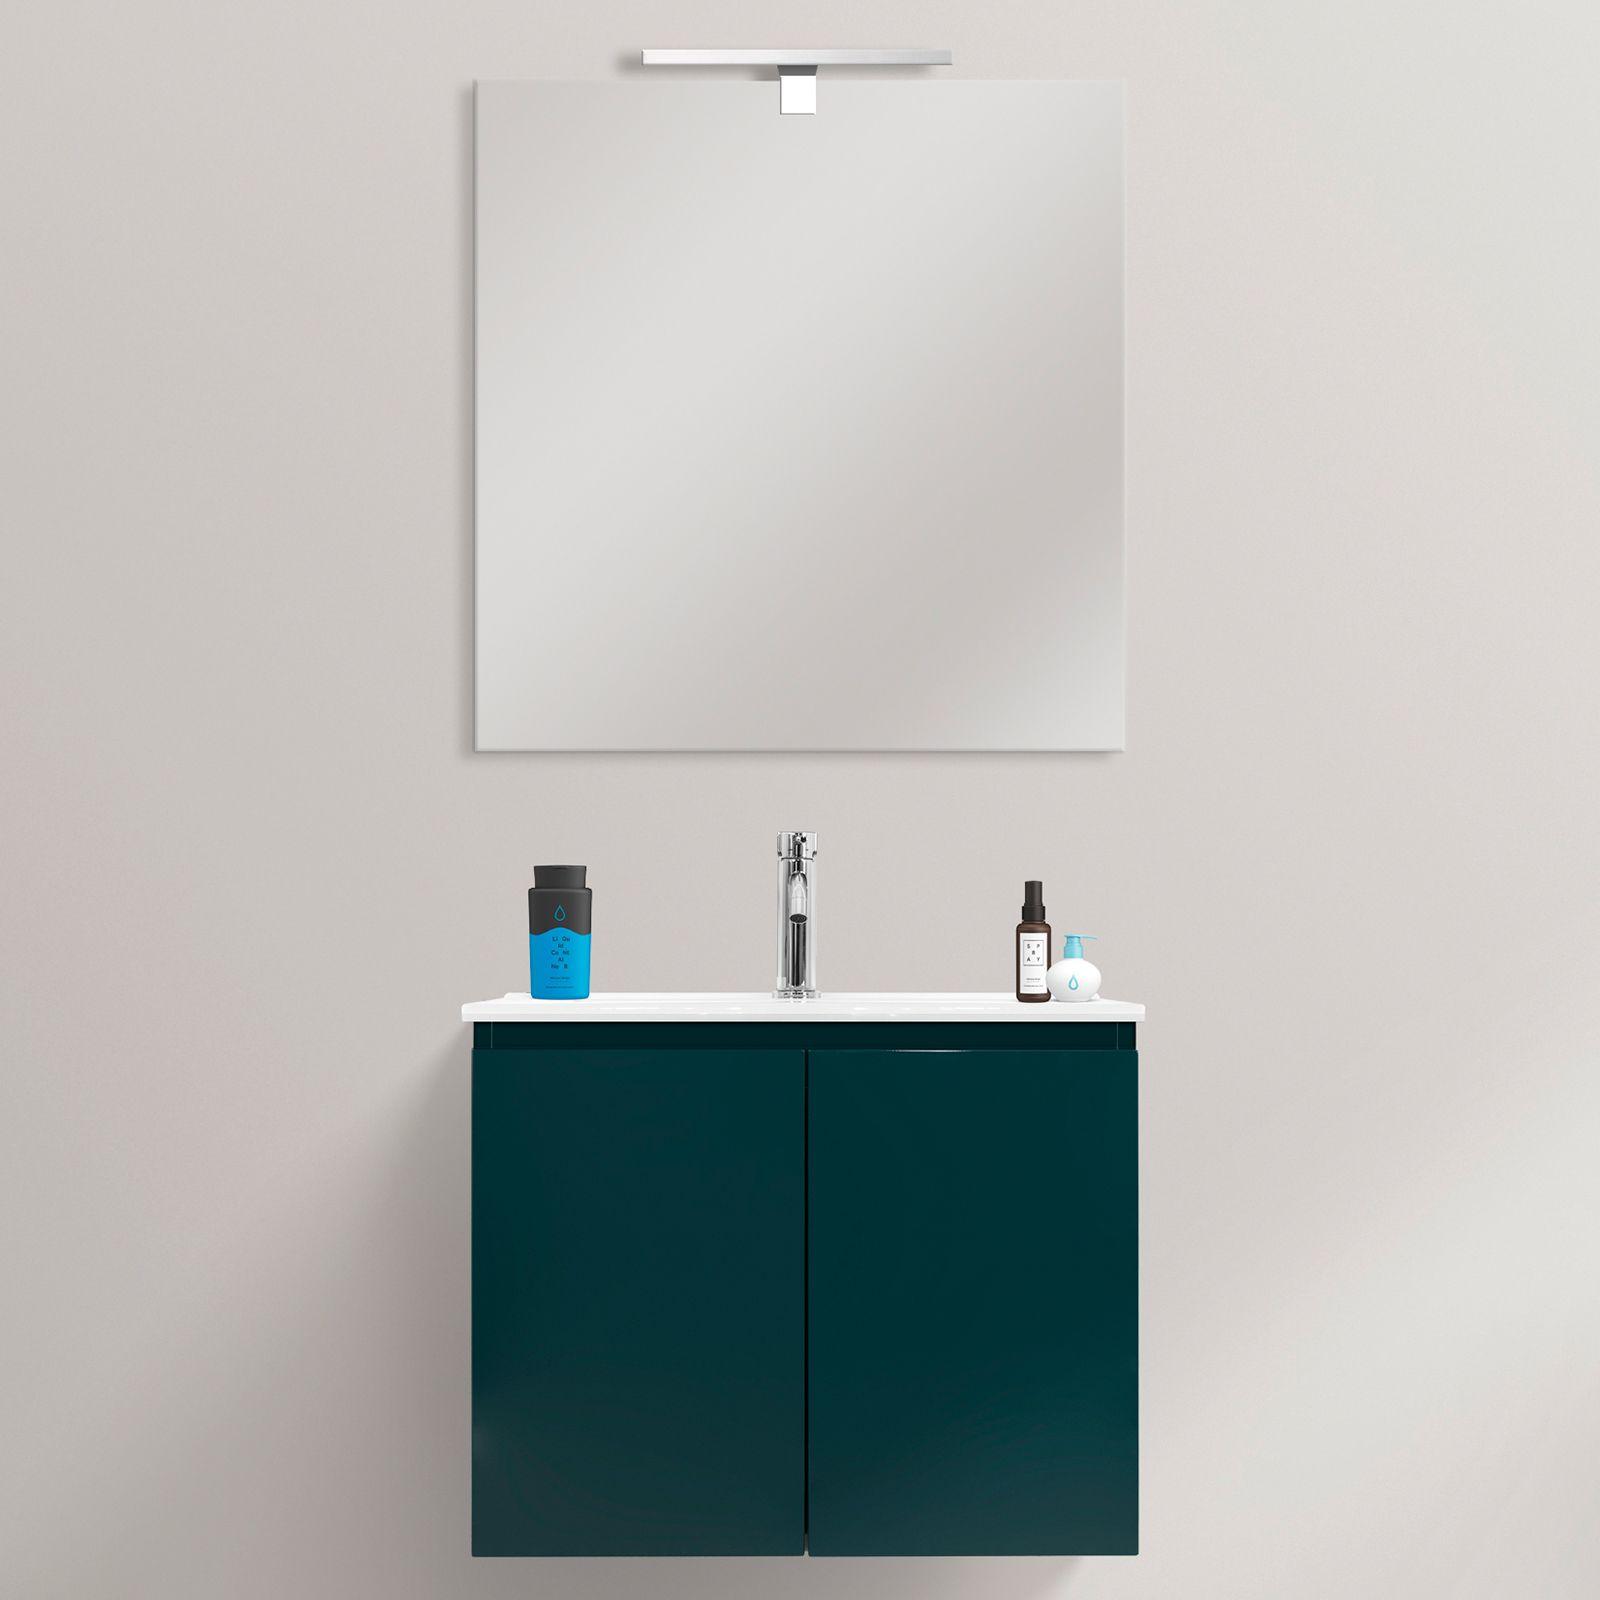 Mobile bagno Fire 60x36 ultraslim sospeso moderno lavabo in ceramica in mdf con specchio in 3 colori